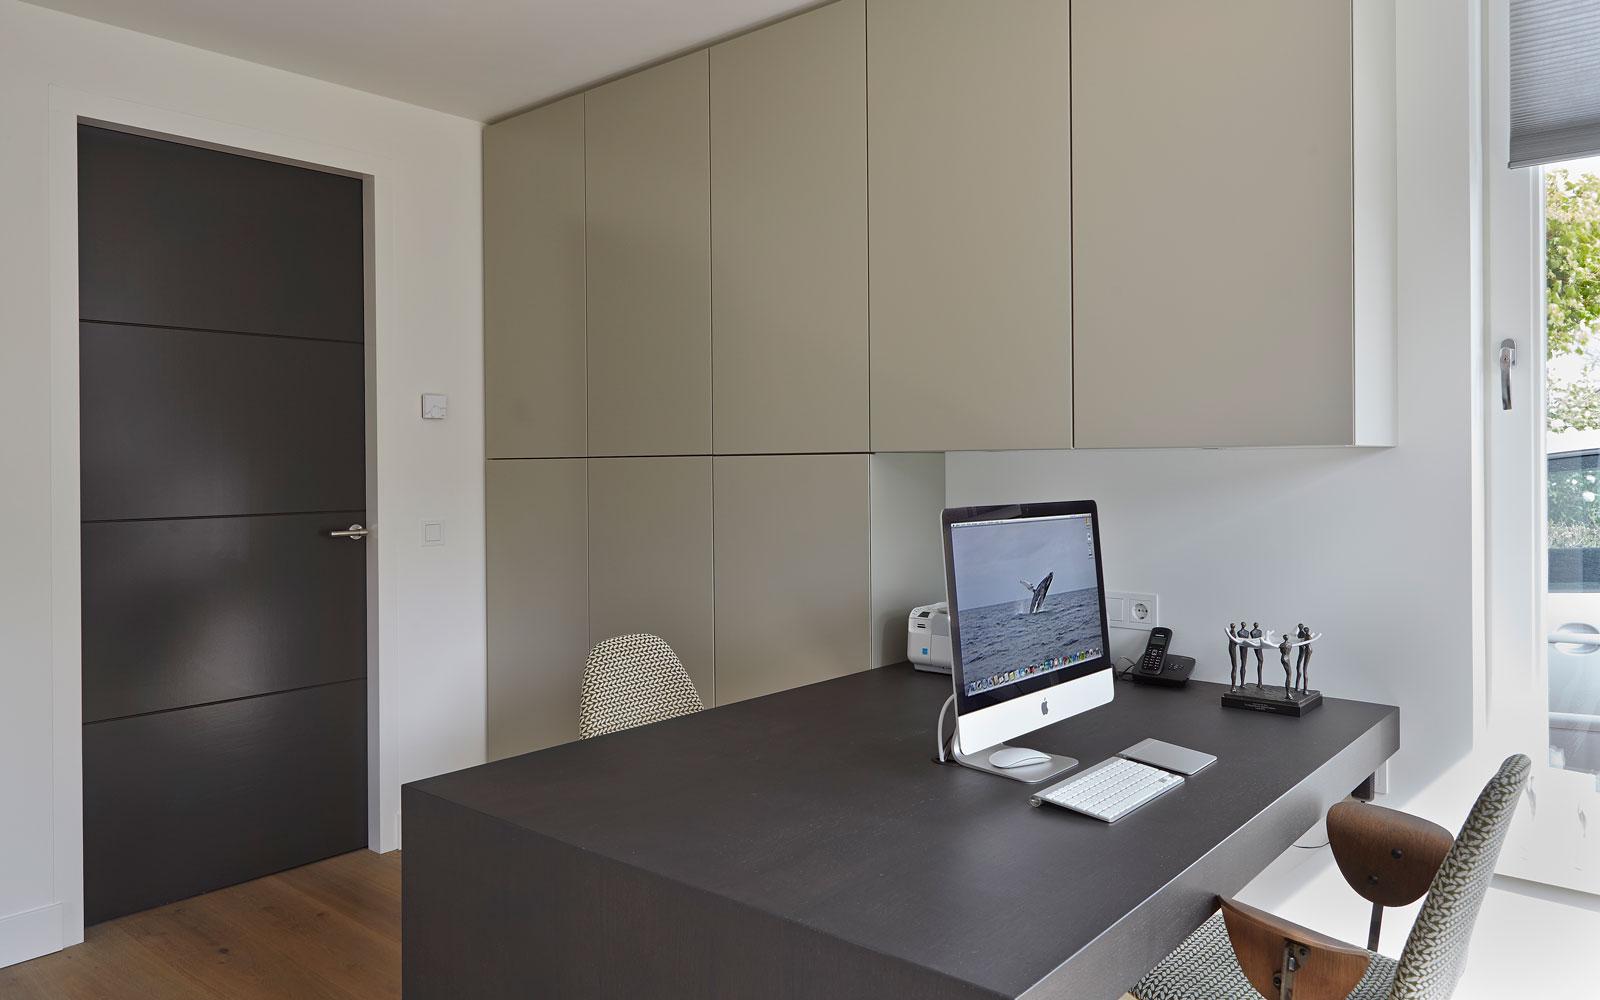 The Art of Living, Exclusief wonen, Interieur/keuken, Van den Berg Keukens en Maatmeubilair, design, bureau, interieur, apple, modern, exclusieve stoel, raam